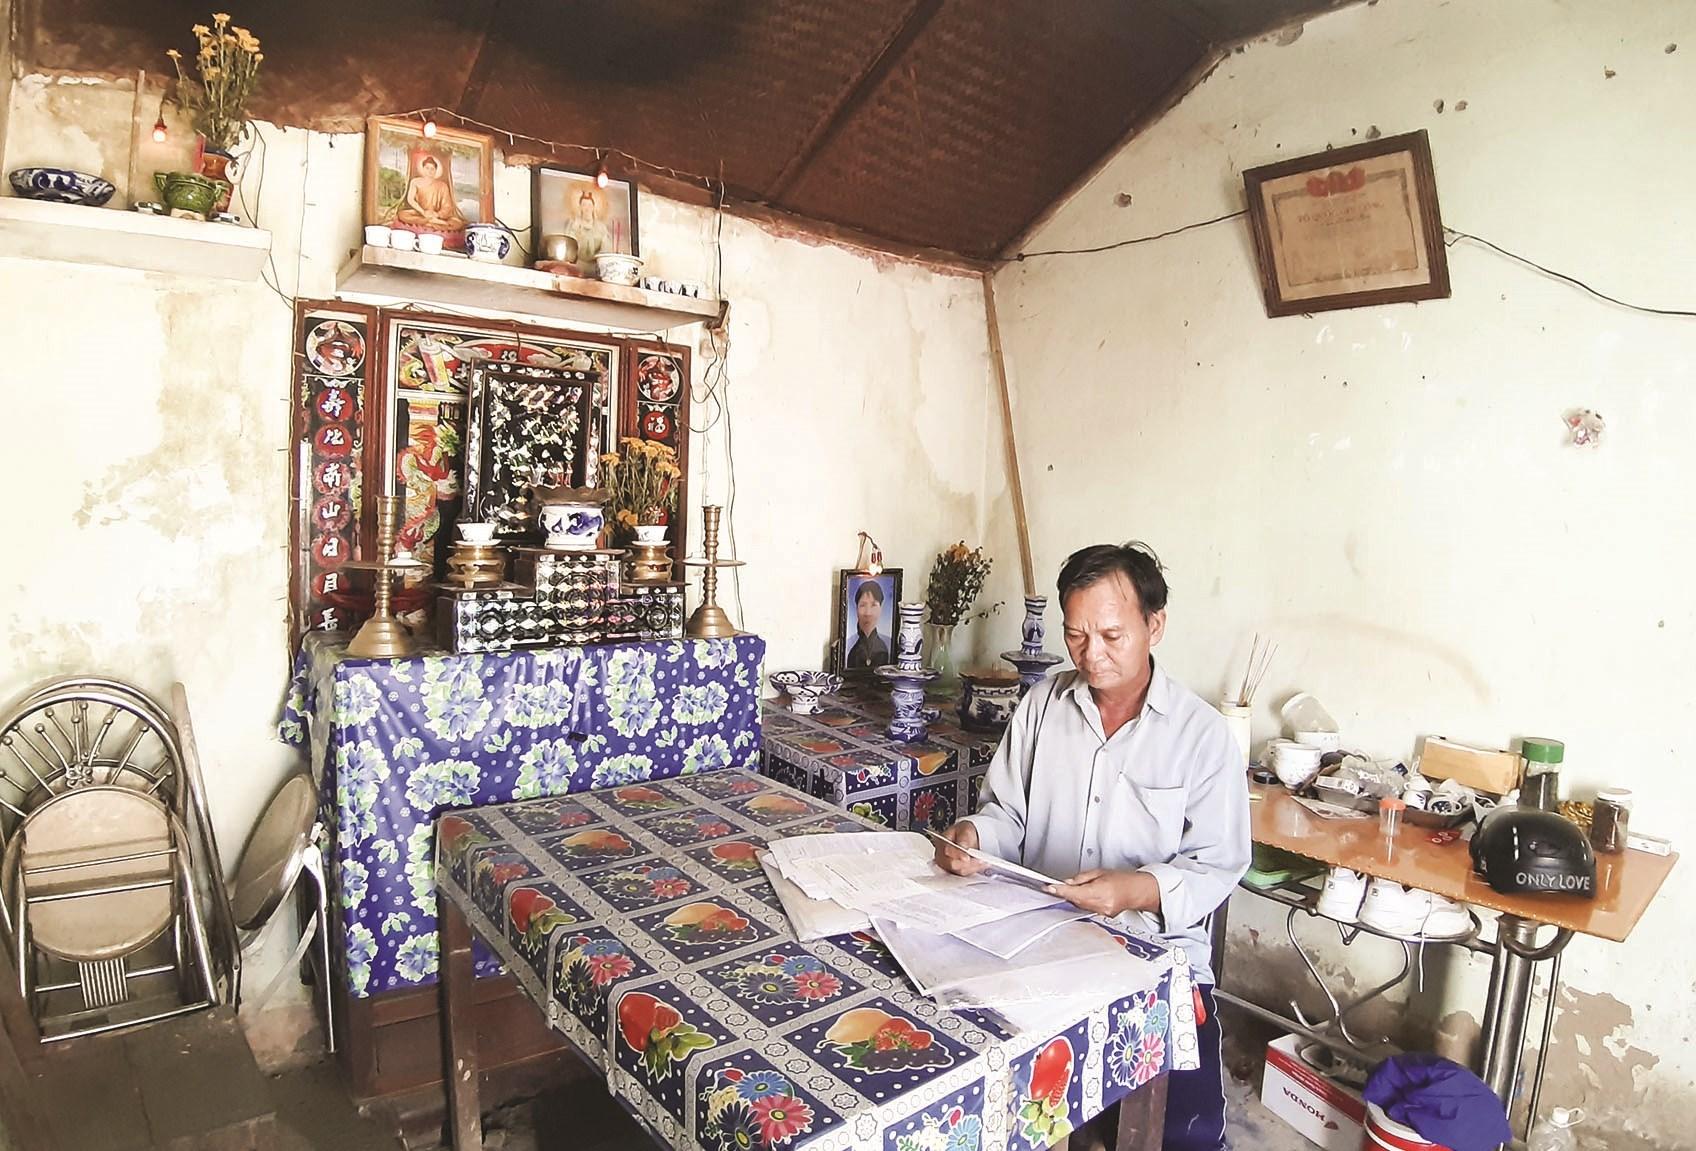 Ông Nguyễn Hữu Thành, người trực tiếp phụng dưỡng Mẹ VNAH Võ Thị Mười khi còn sống mỏi mòn chờ cấp đất để xây dựng nơi thờ cúng